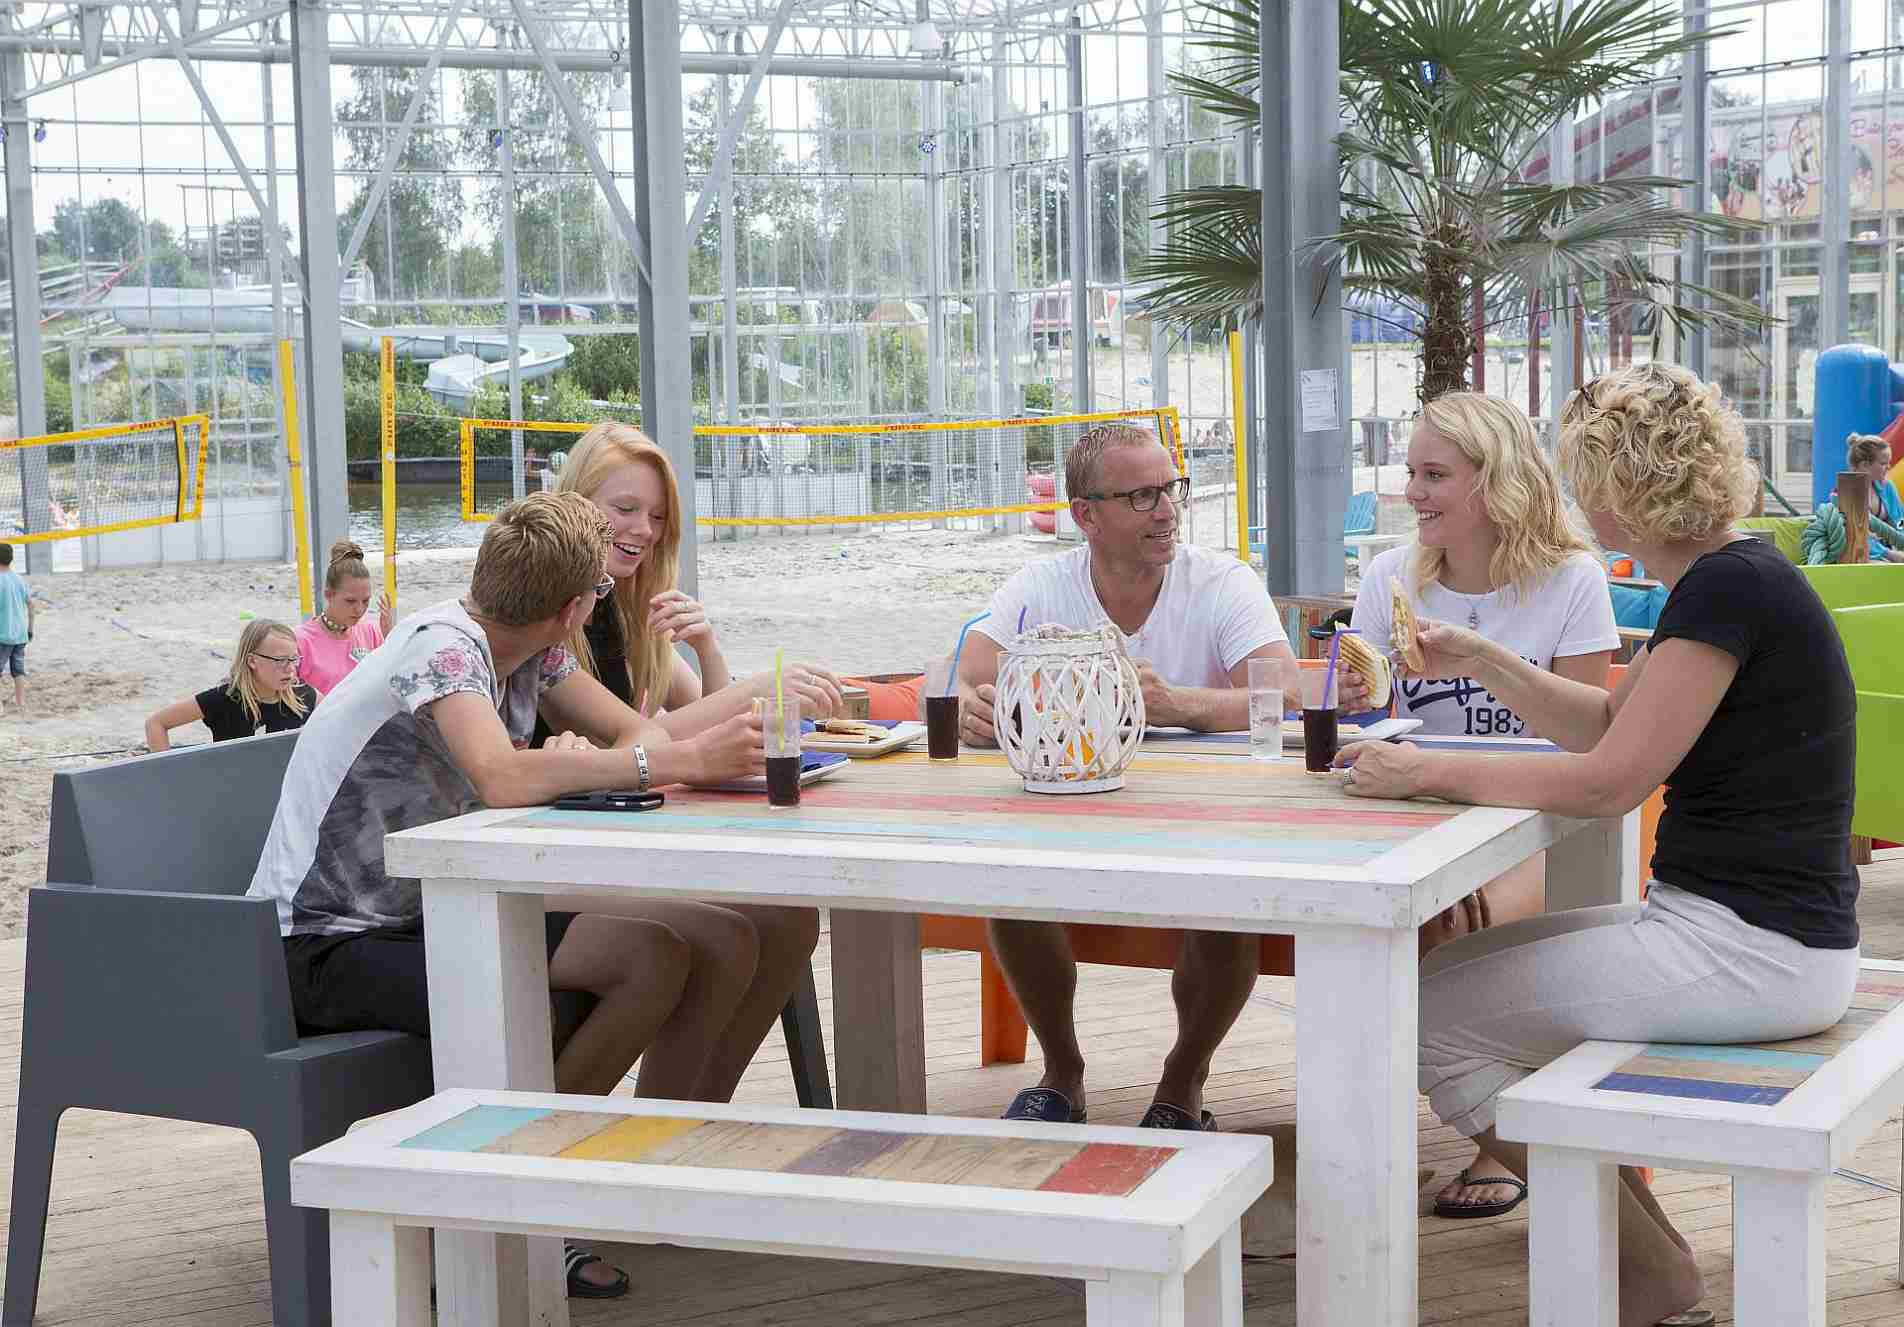 Strandurlaub an der Deutsch-Niederländischen Grenze - ein Strandurlaub